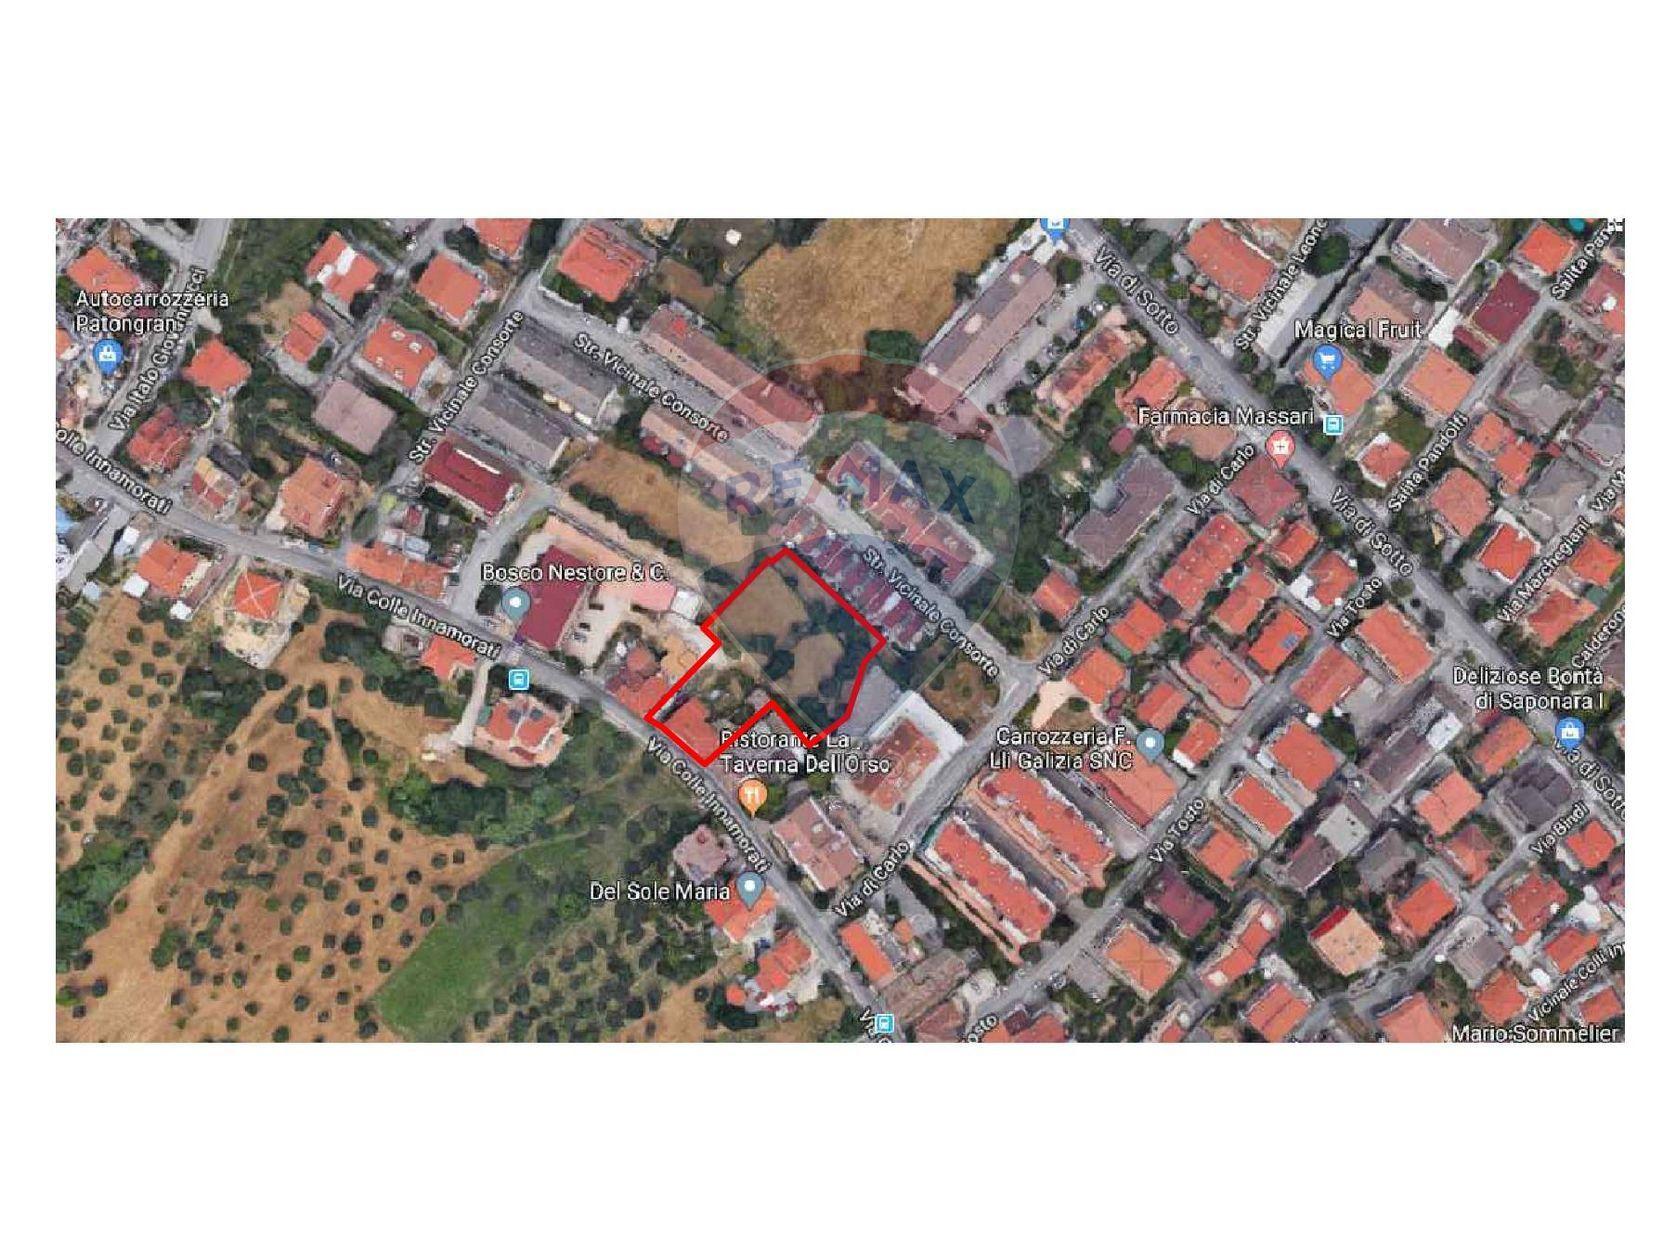 Terreno Edificabile Colle Innamorati, Pescara, PE Vendita - Planimetria 1